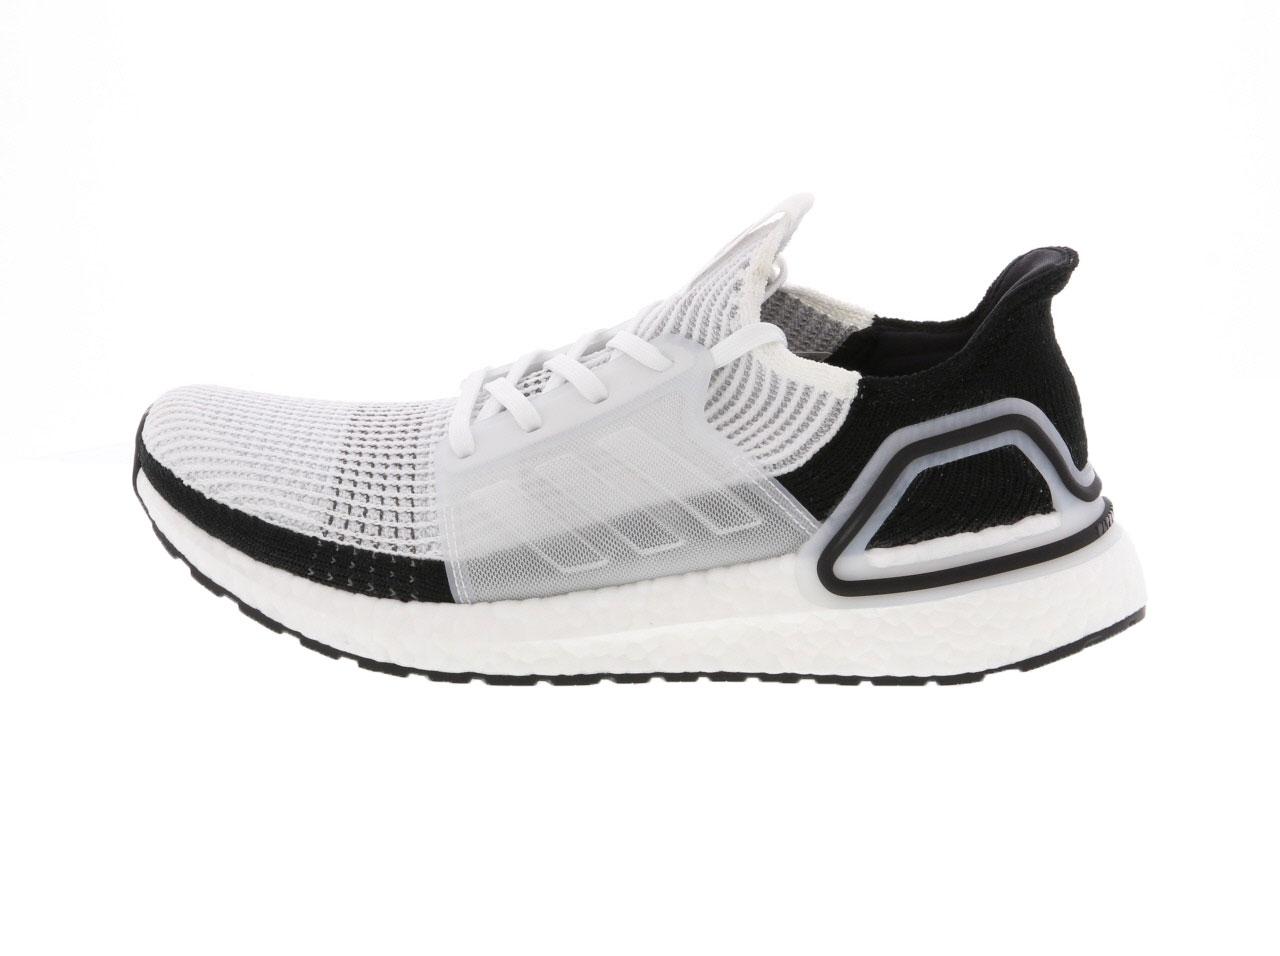 【全品ポイント10倍!期間限定★今すぐエントリー!(4/1~4/30)】adidas UltraBOOST 19(B37707)【アディダス ウルトラブースト】【メンズファッション】【シューズ】【スニーカー】【靴】【フットウェア】